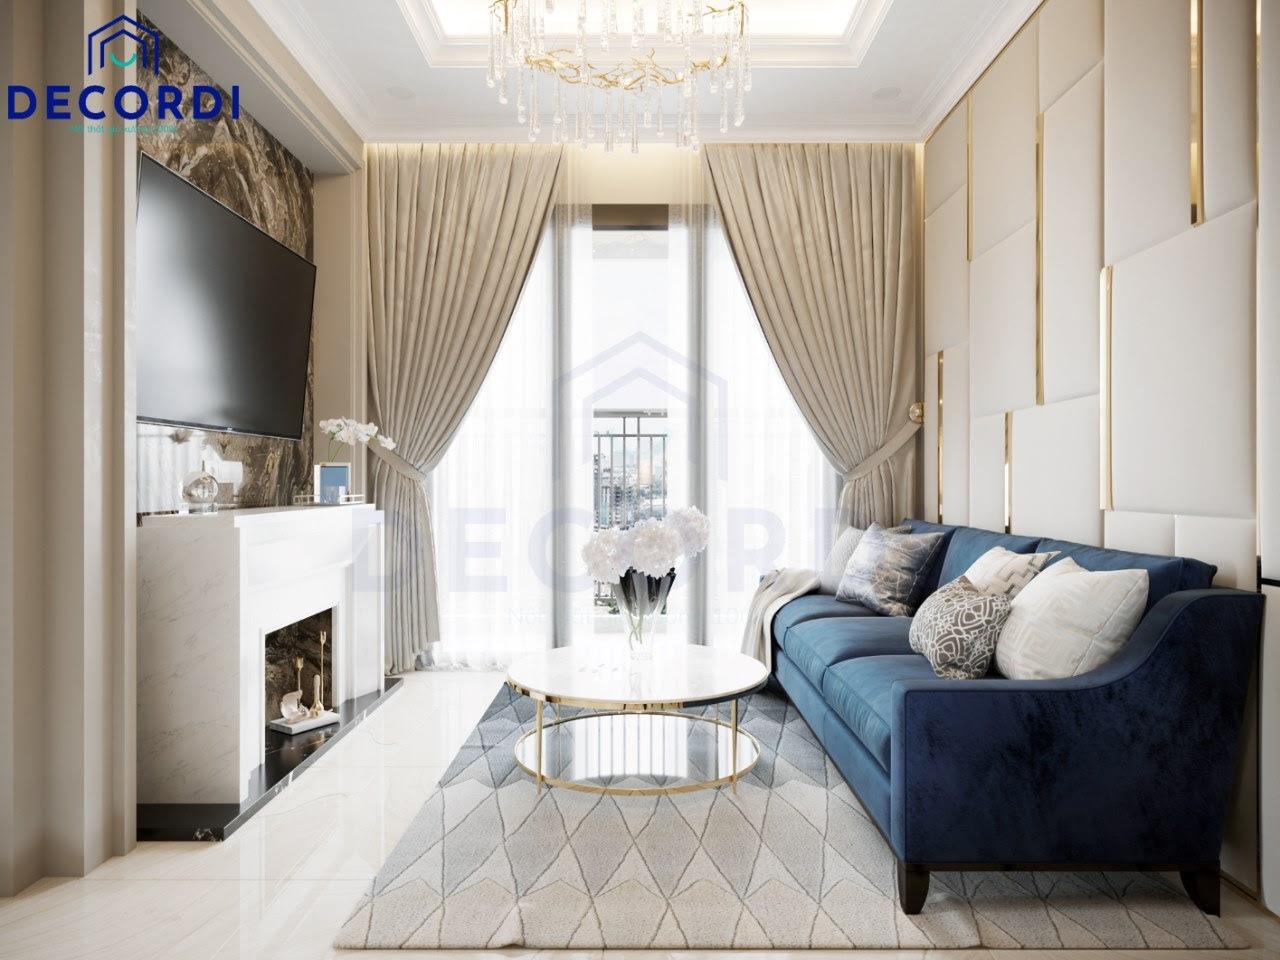 Địa chỉ thi công nội thất chung cư trọn gói, giá ưu đãi